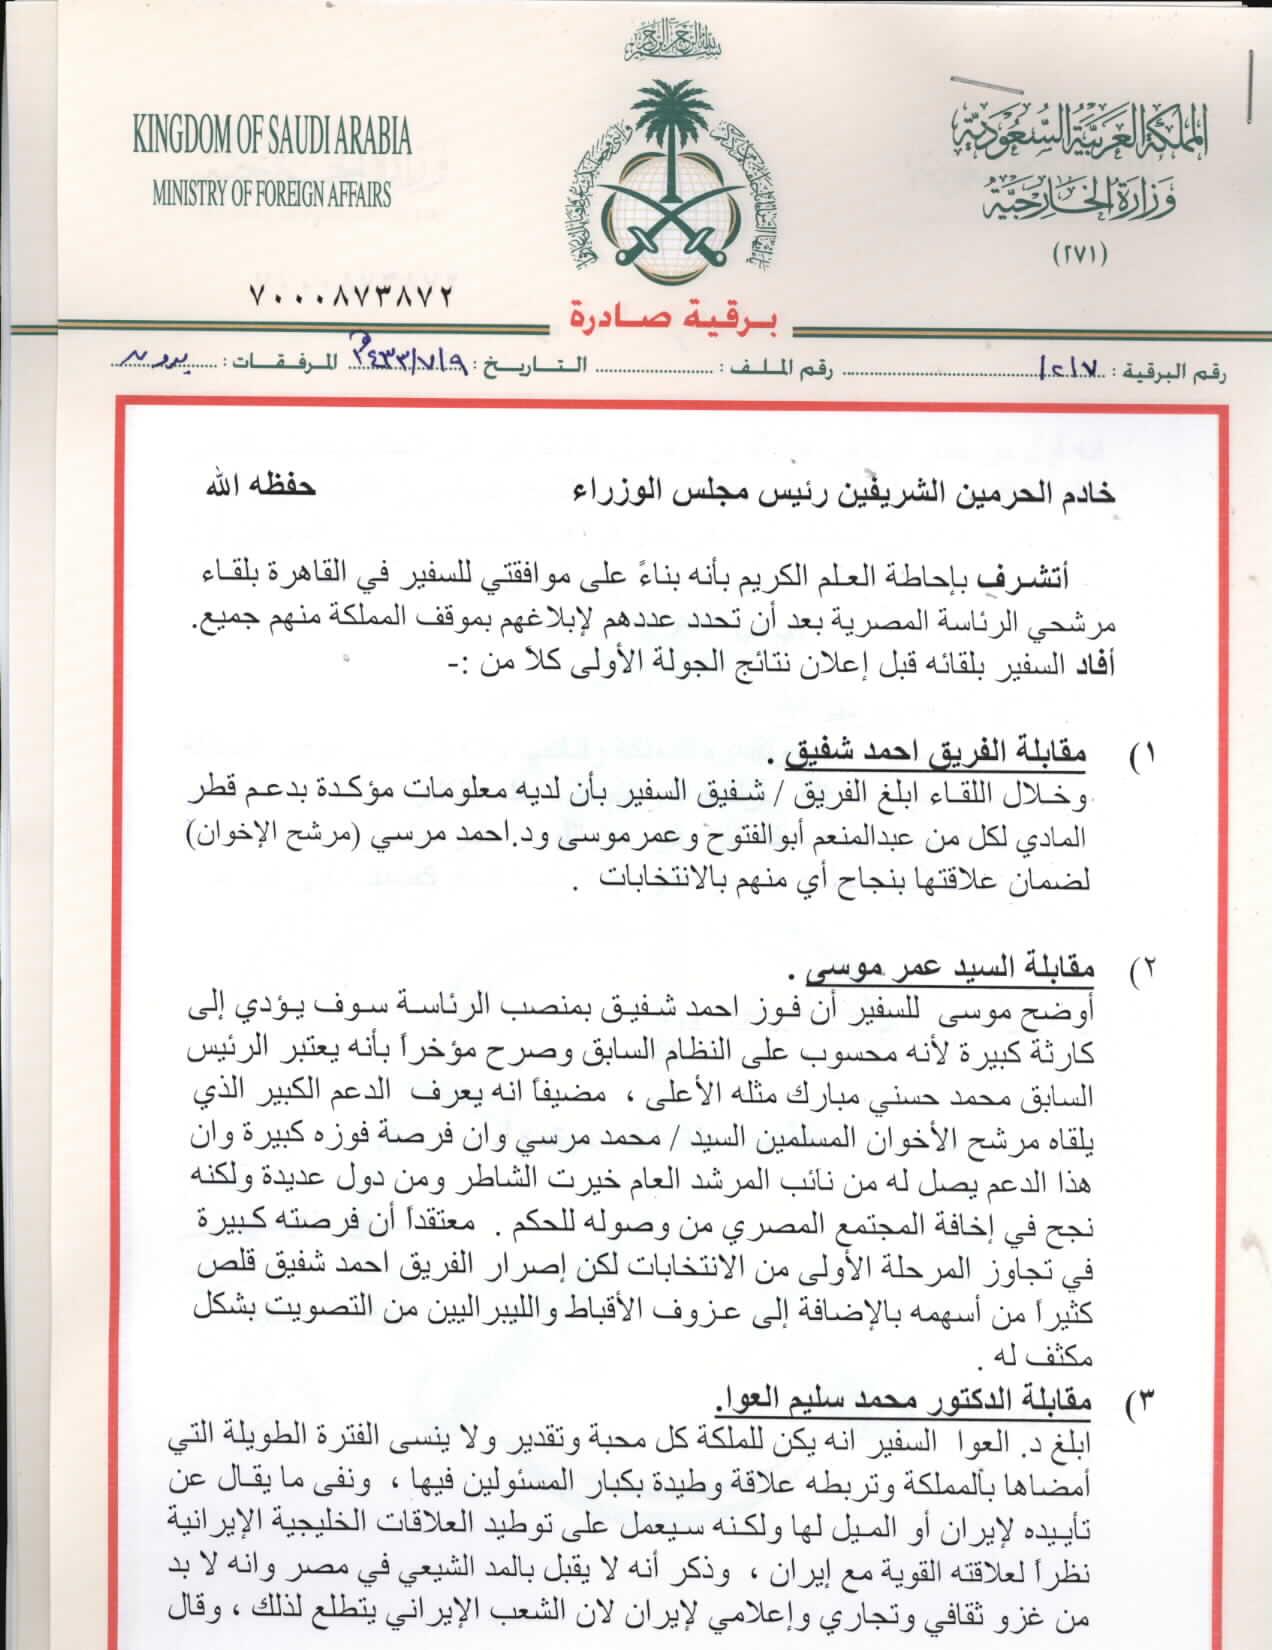 وثيقة ملخص لقاءات مرشحي الرئاسة